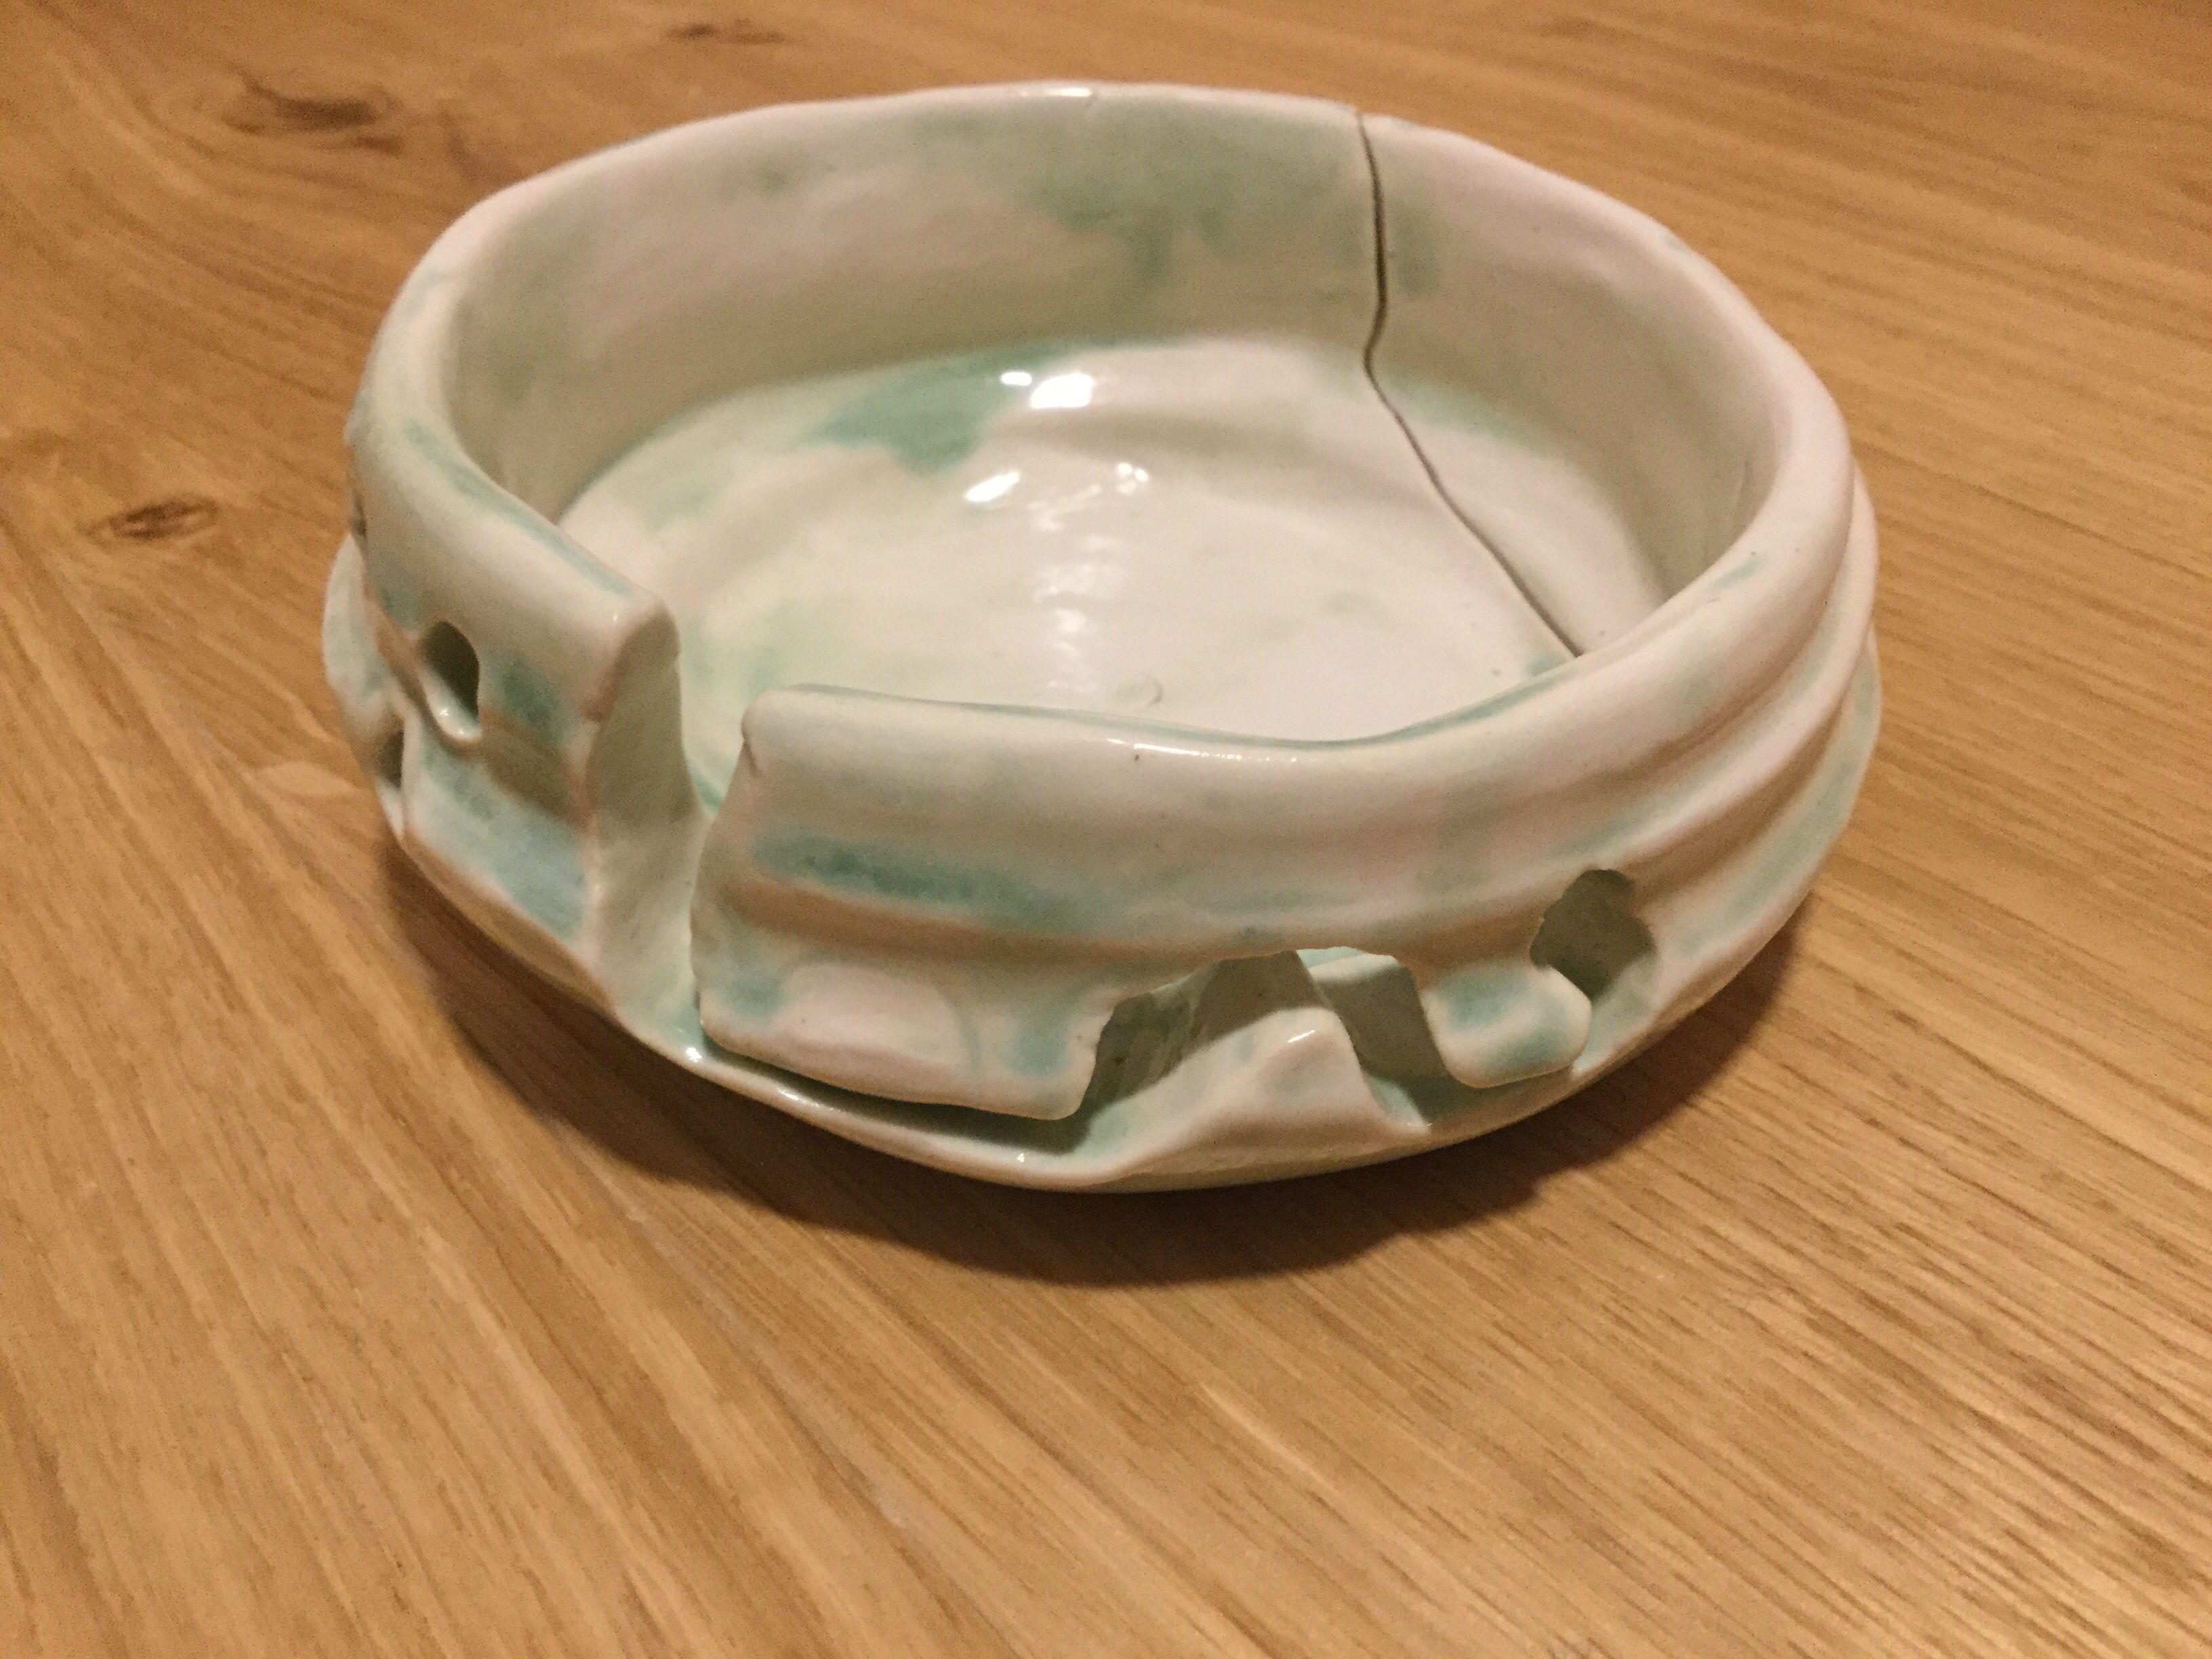 Bol de ceramica 🍚🍚🍚🍚